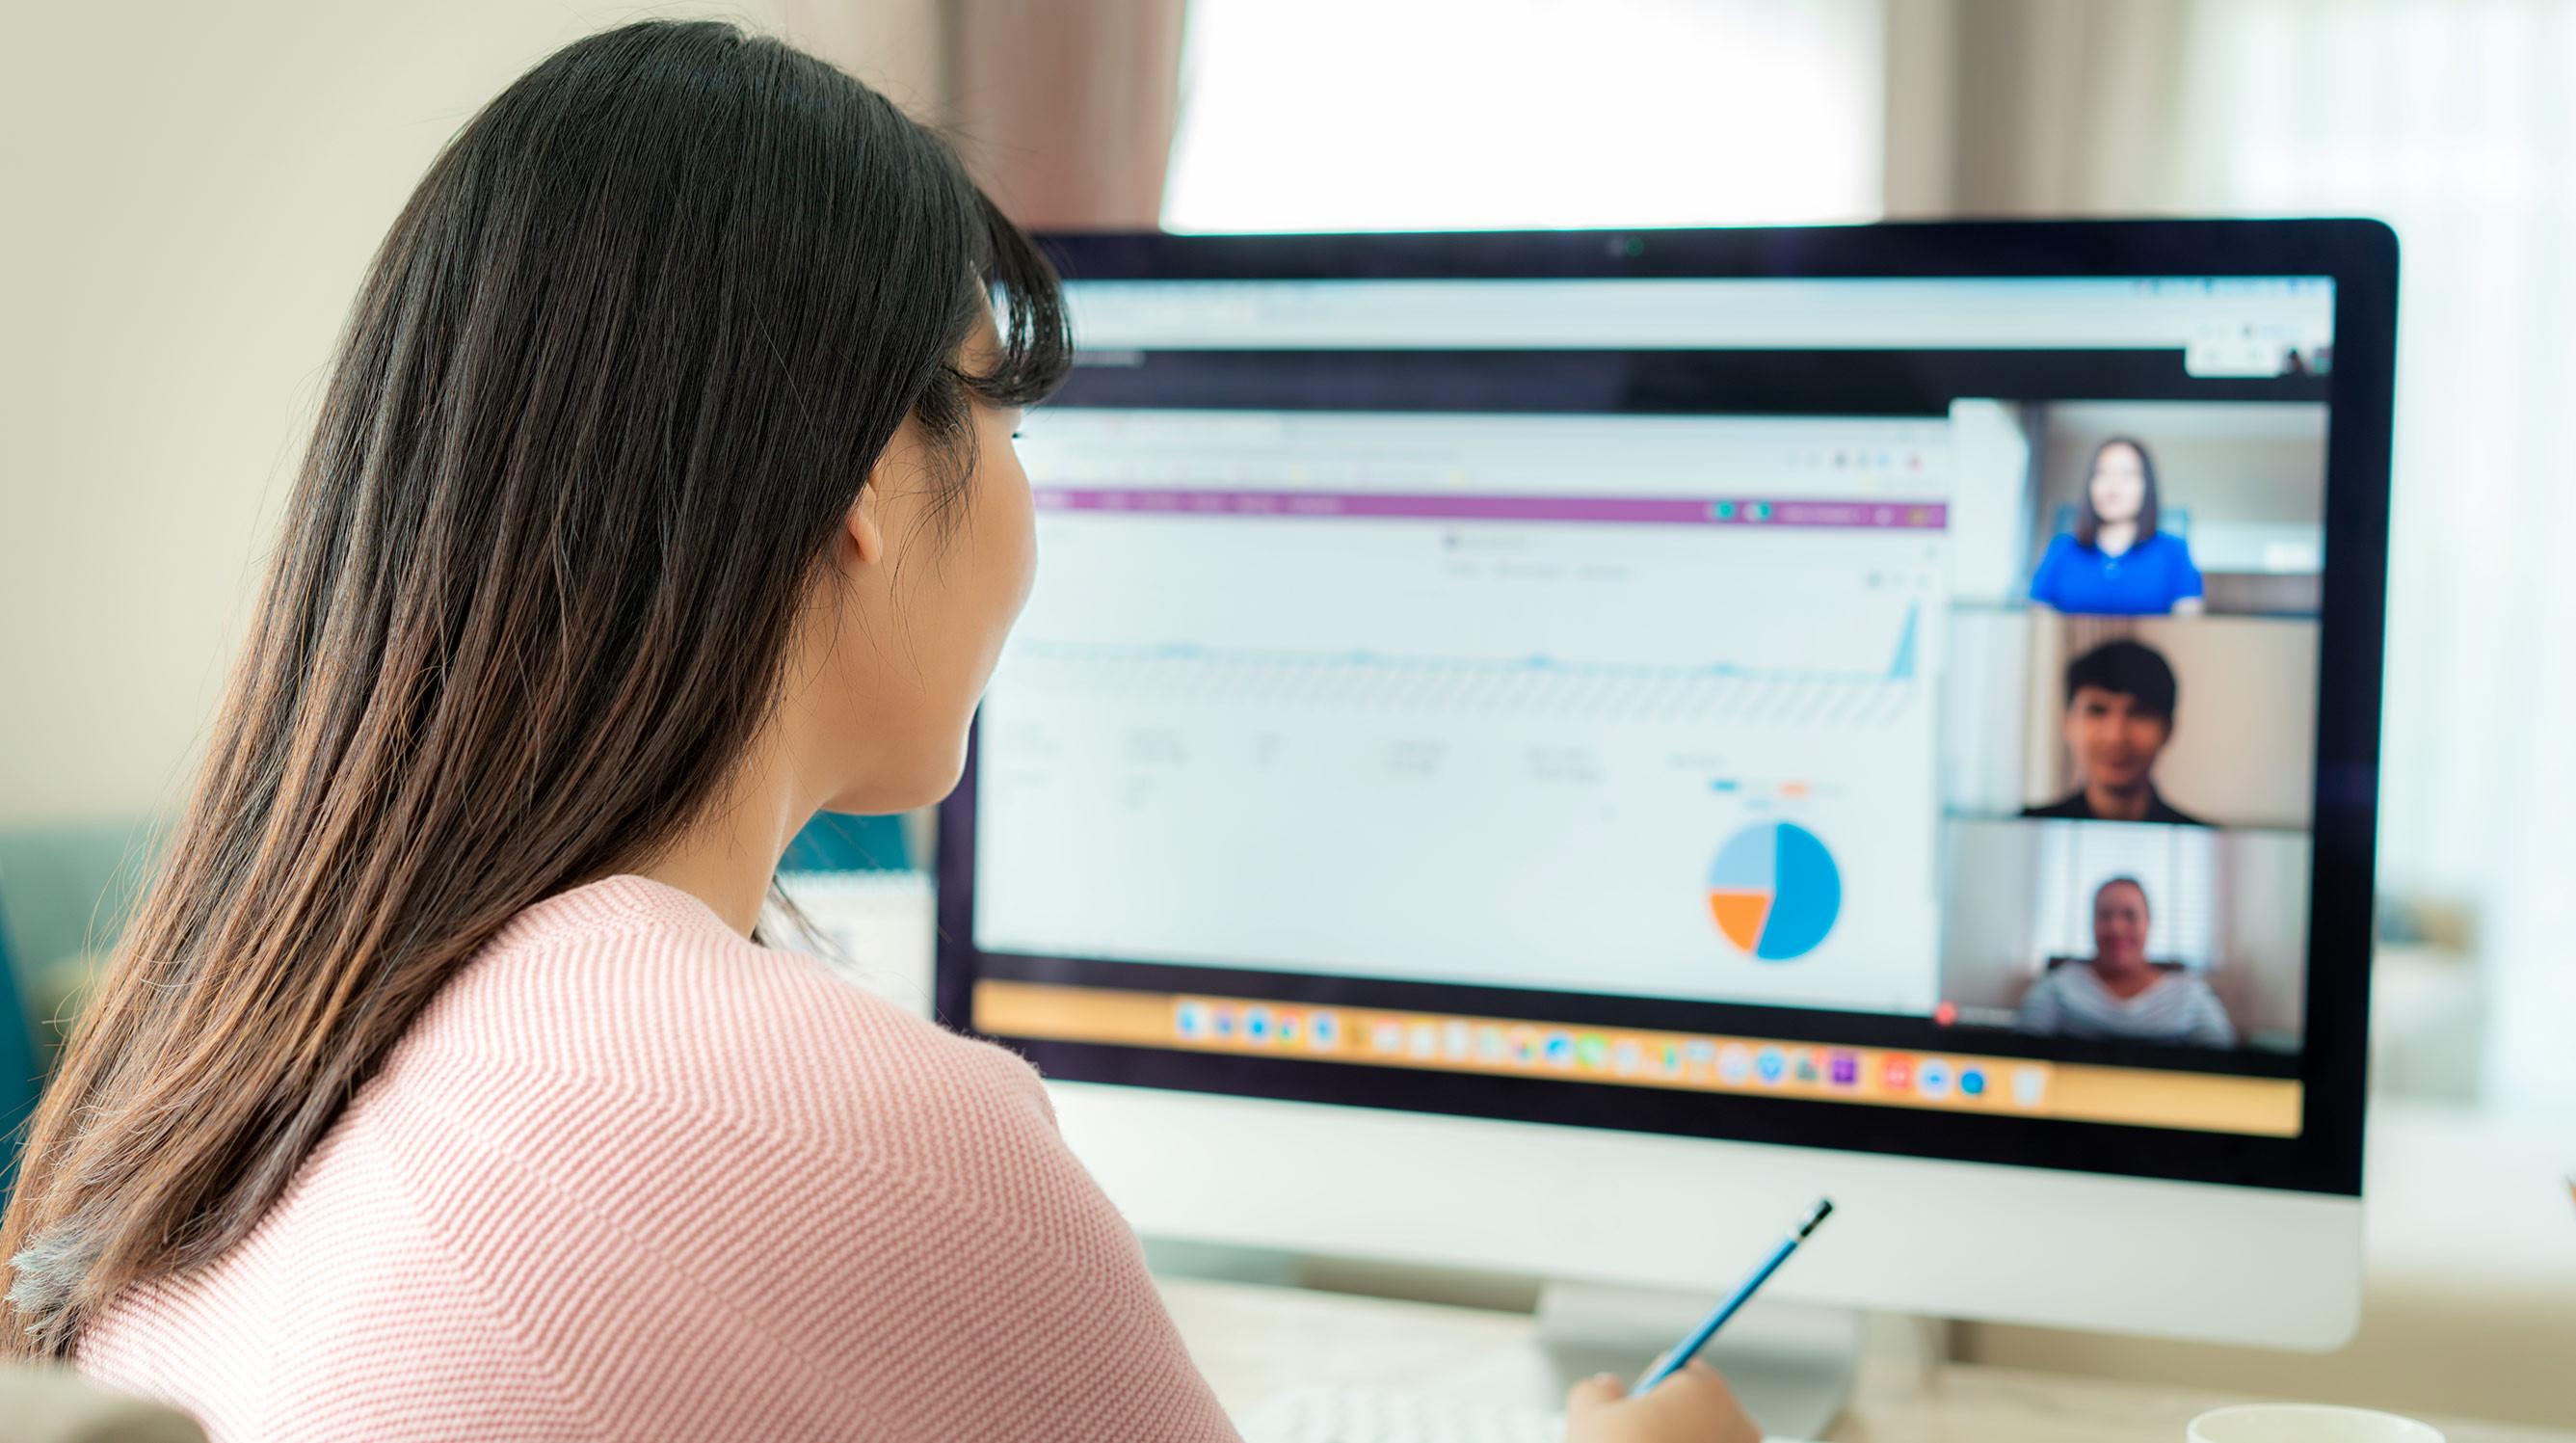 nueva-ley-de-teletrabajo-empleadores-deberan-compensar-a-trabajadores-que-usen-equipos-propios-o-asuman-costos-de-internet